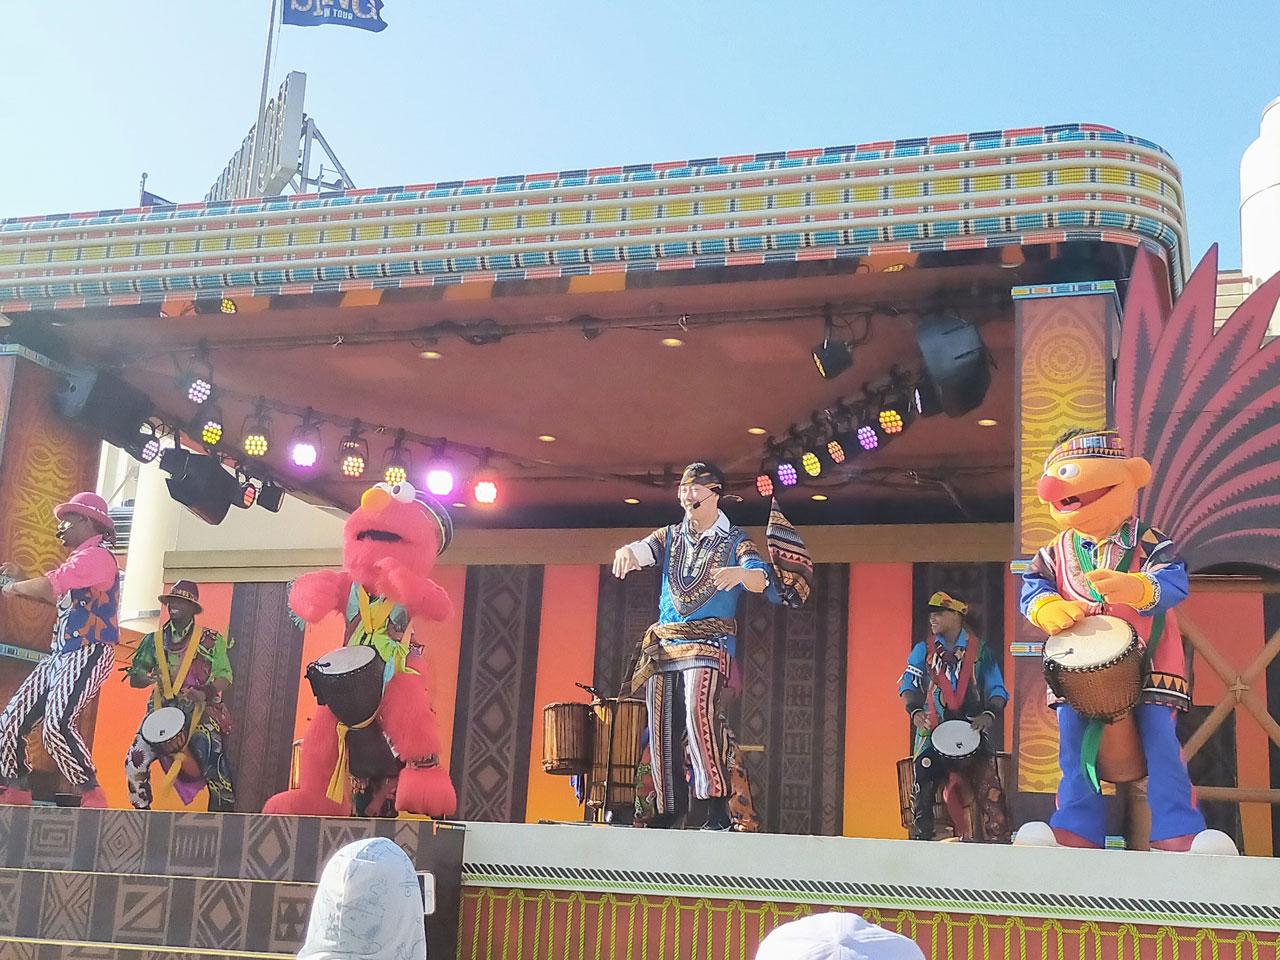 思わず体が動き出す、陽気でピースフルな熱狂ステージ「セサミストリート・アフロビート」